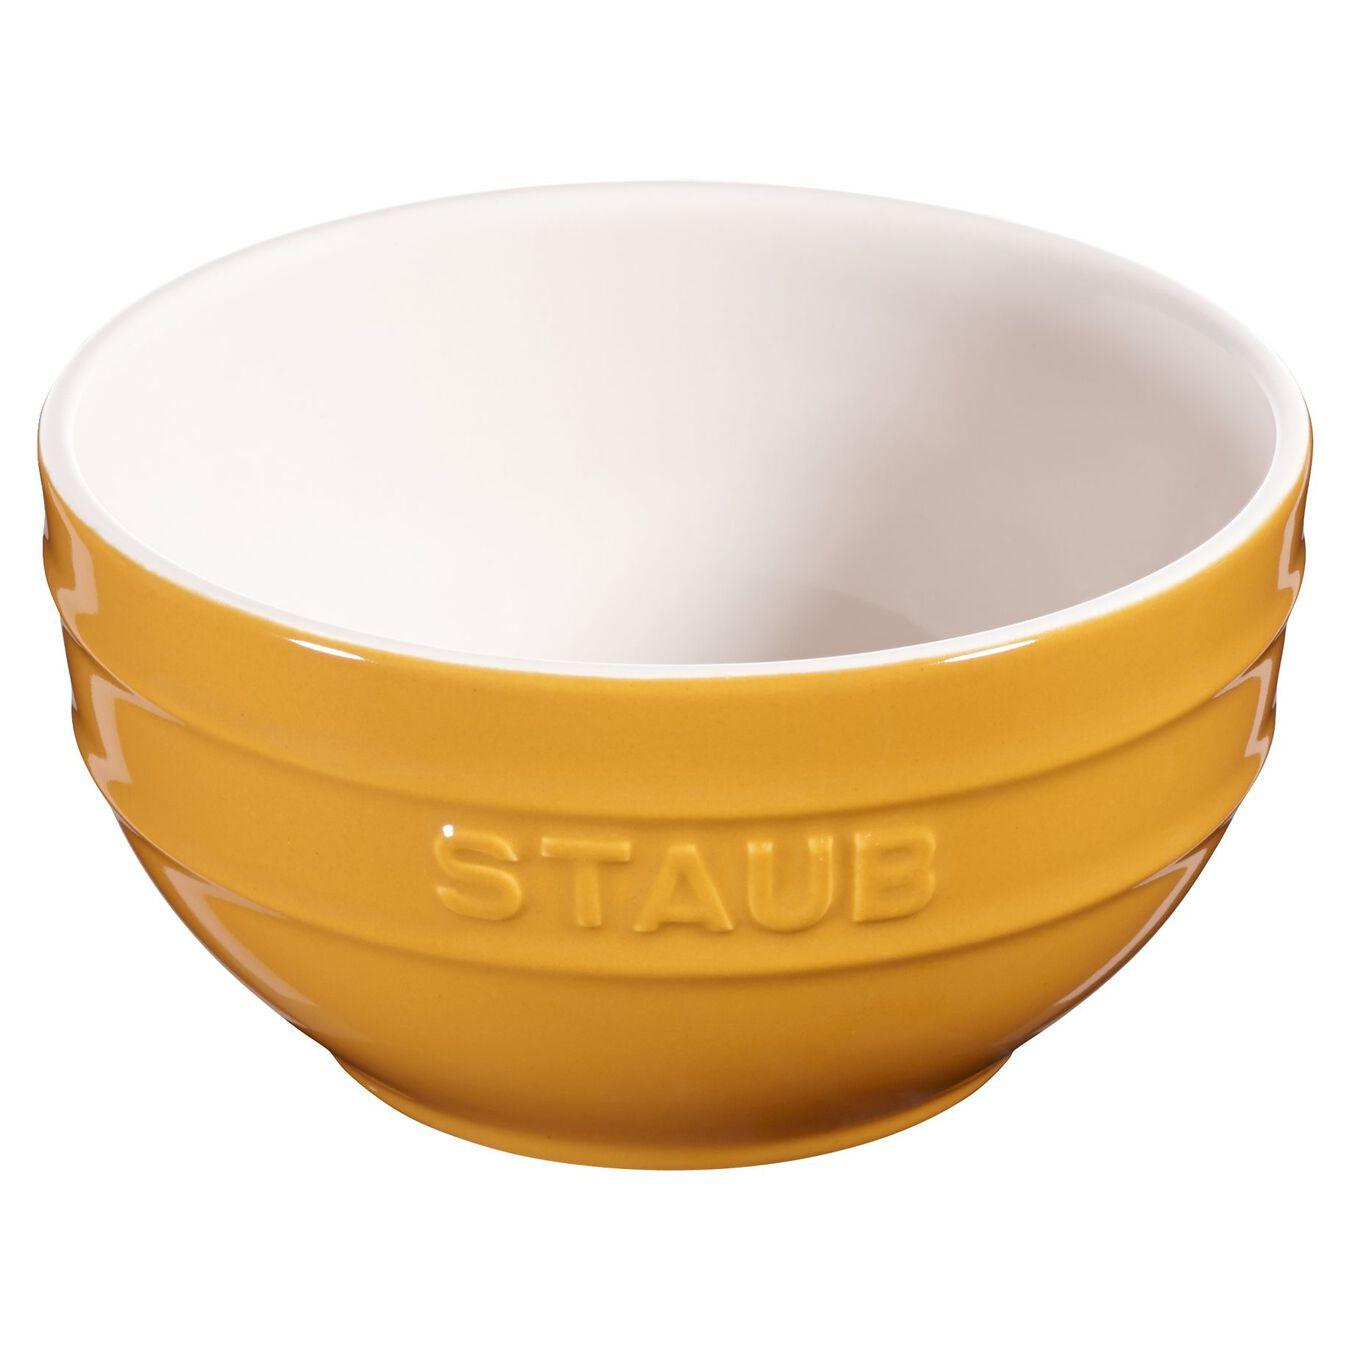 Bol 14 cm, Moutarde, Céramique,,large 2